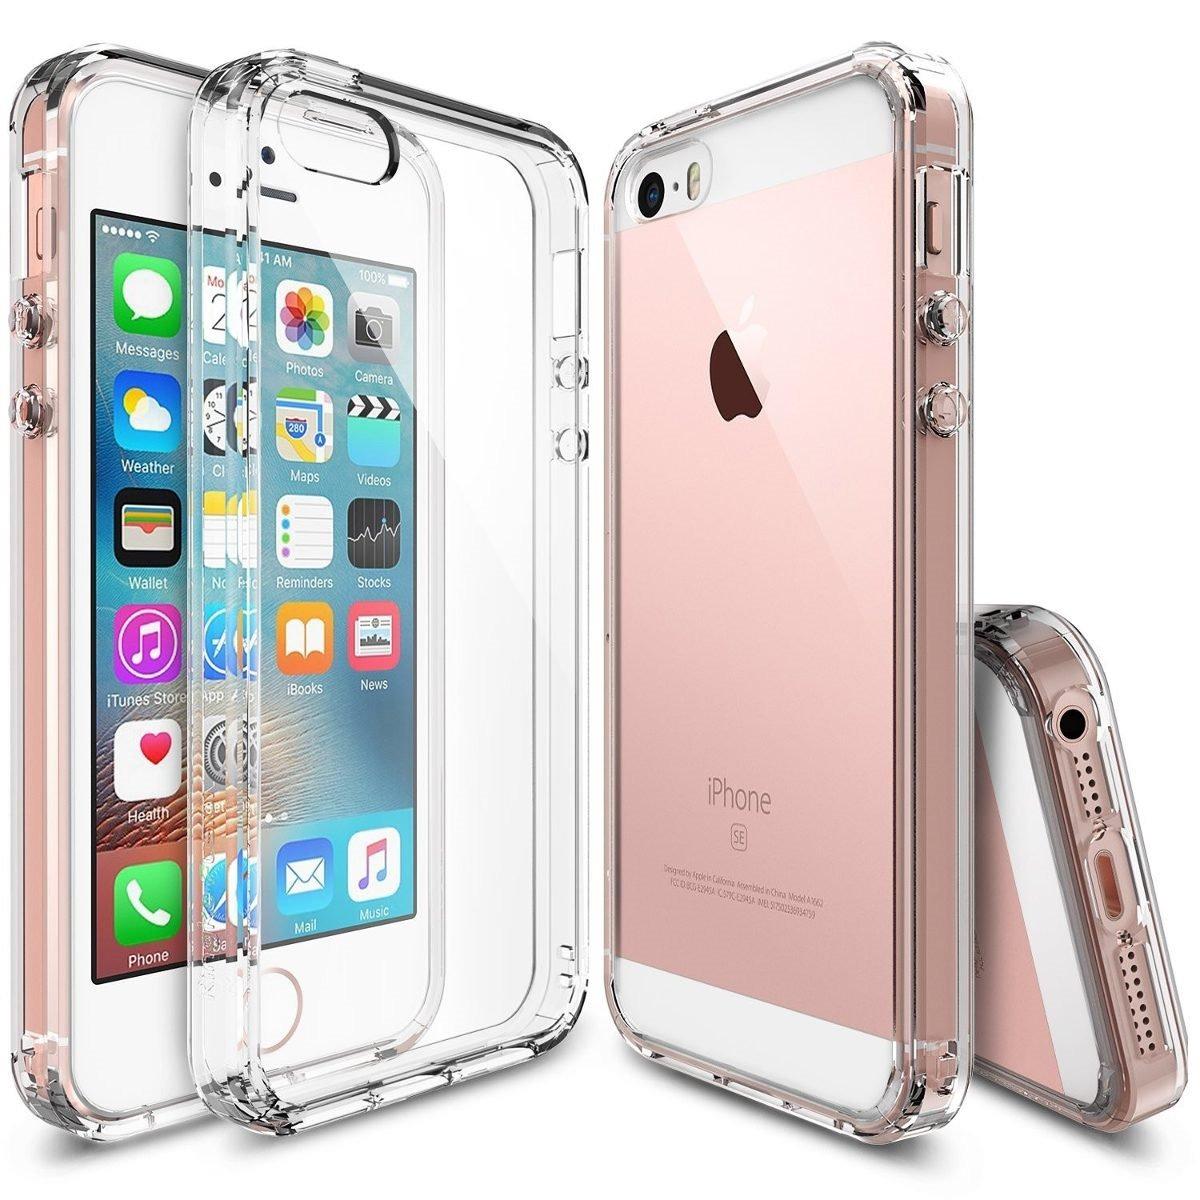 b7316527387 Ringke Fusion Fundas Para iPhone Se / 5 Y 5s Bumper + Mica ...